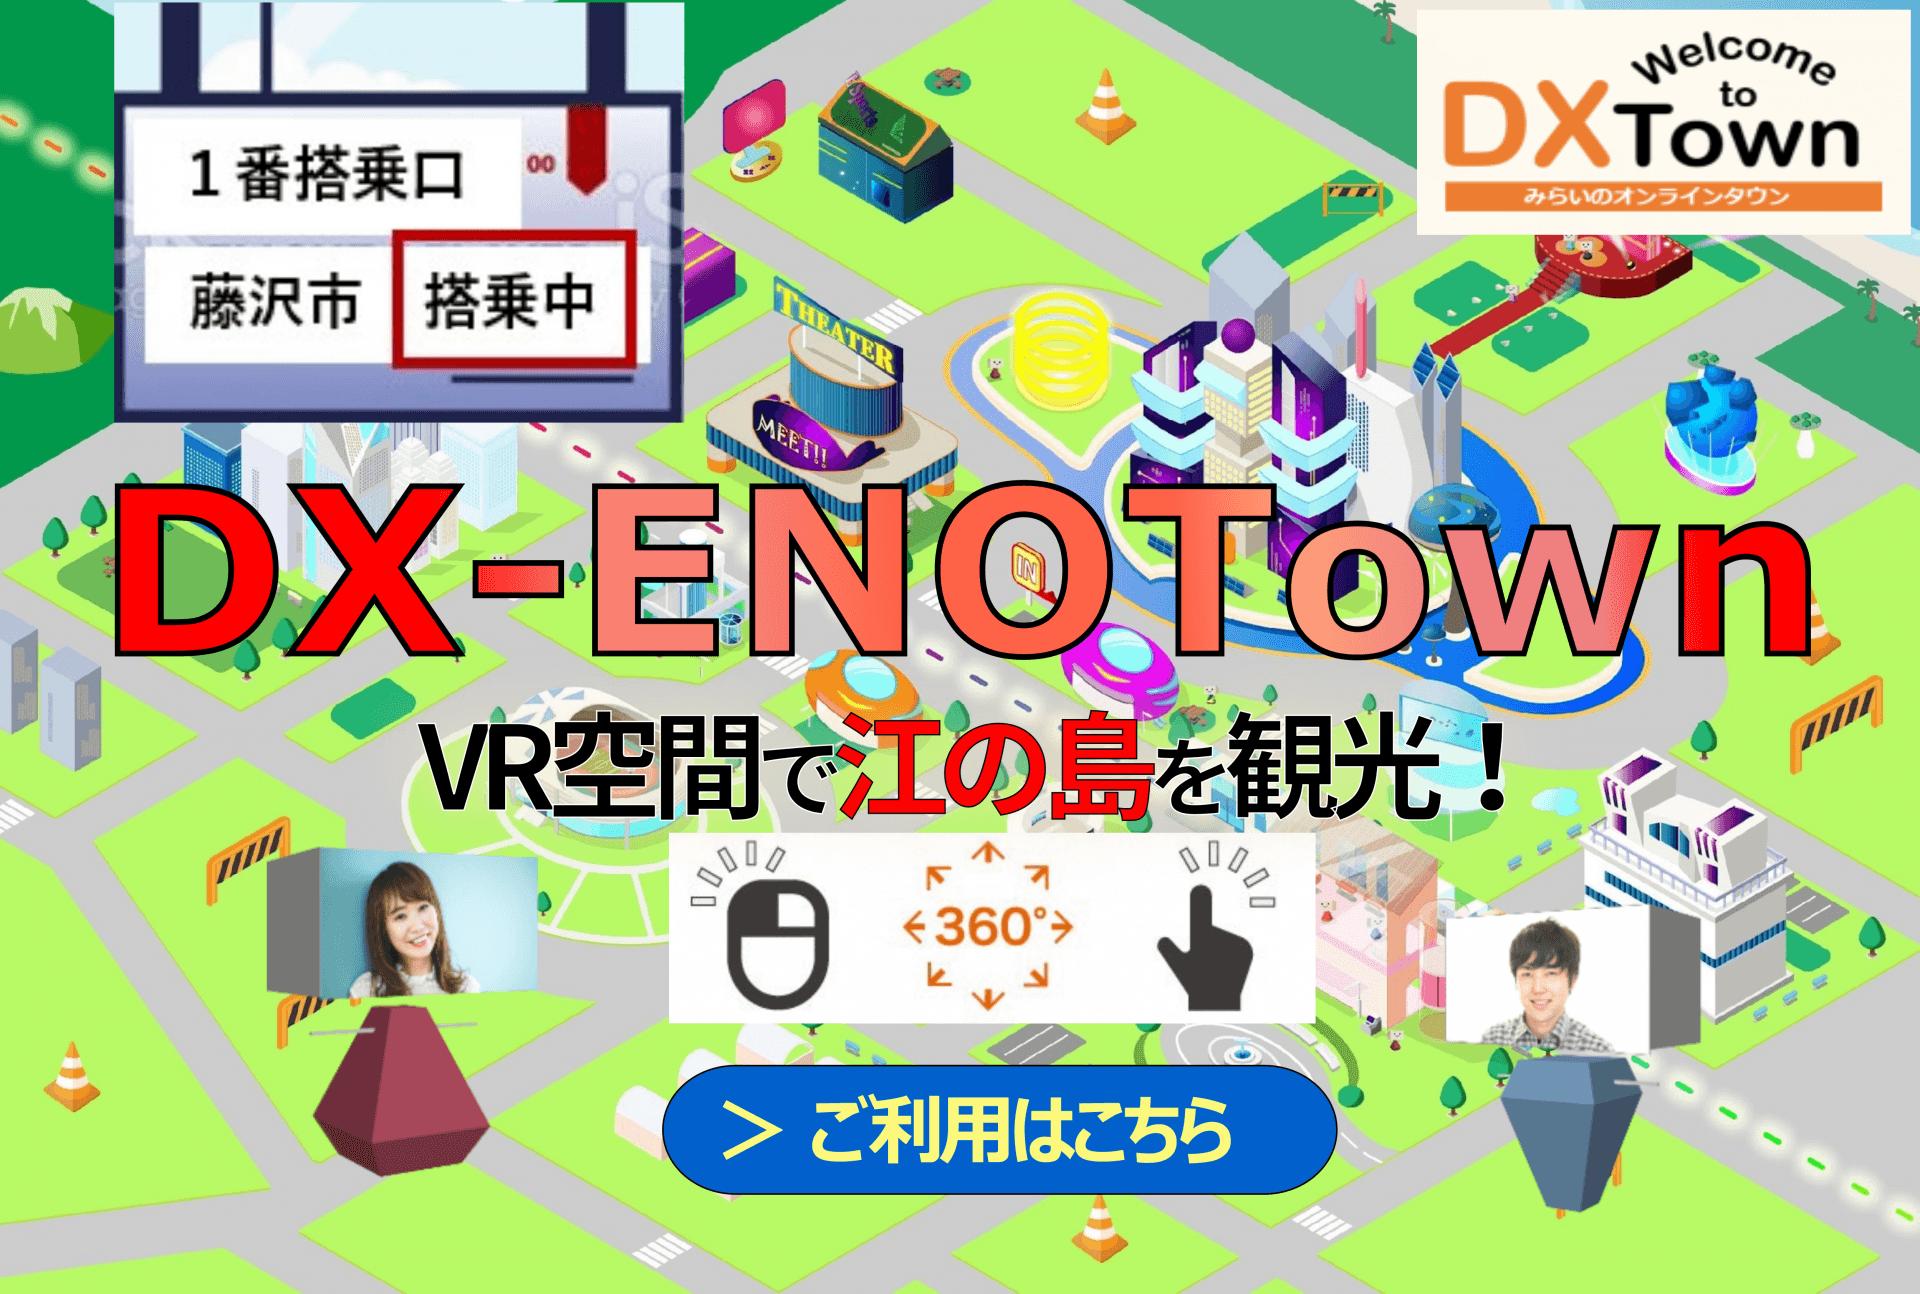 「DX ENOTOWN」の運用を開始します